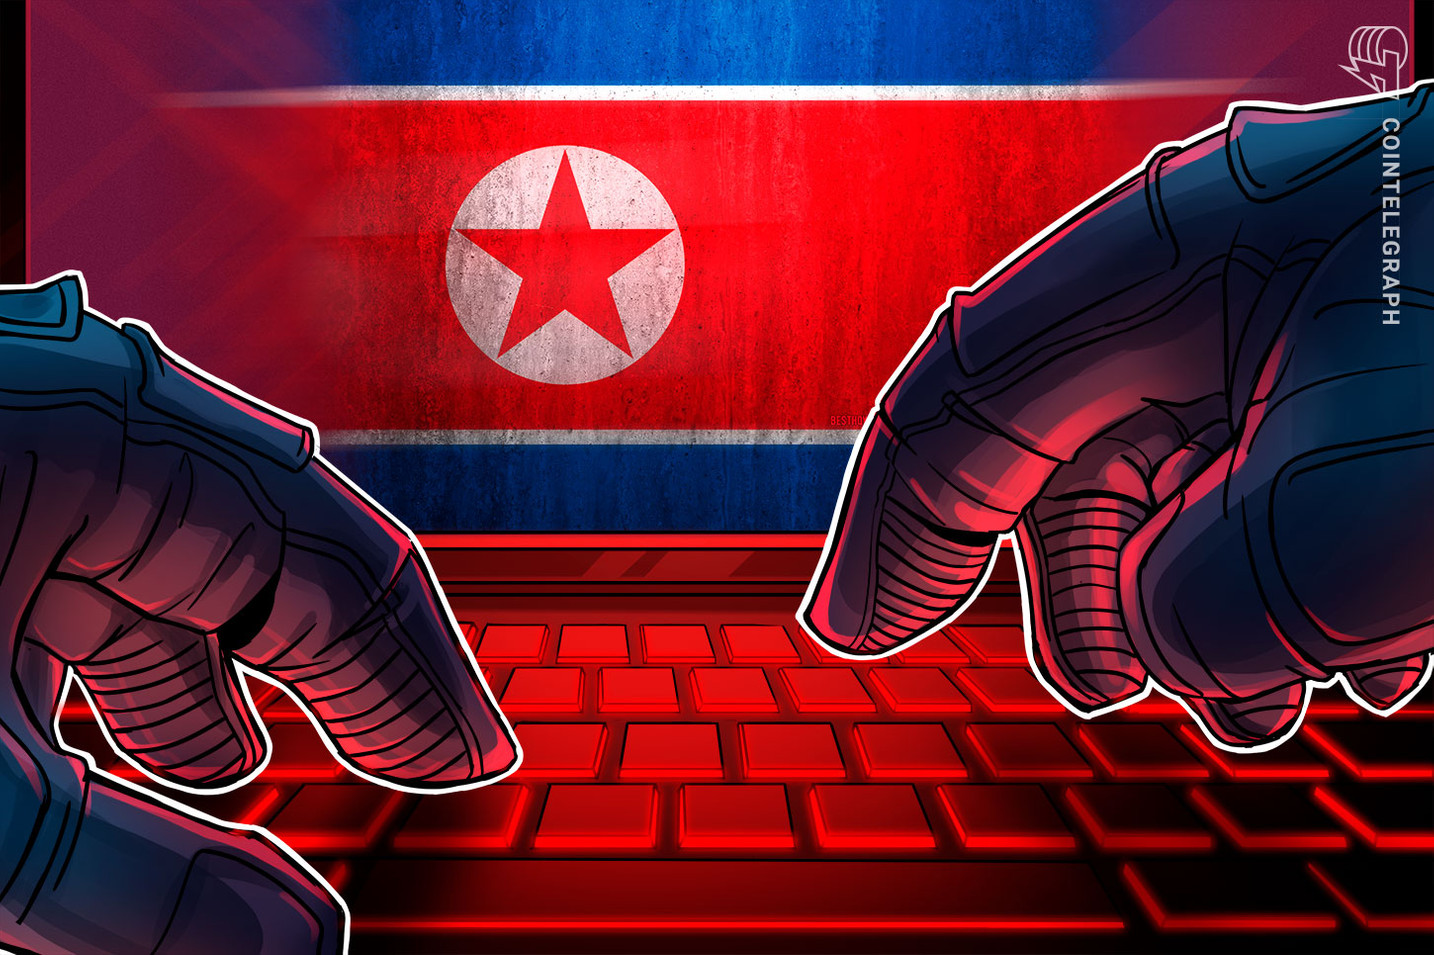 Relatório da ONU aponta Coreia do Sul como a mais duramente atingida por ataques cibernéticos norte-coreanos